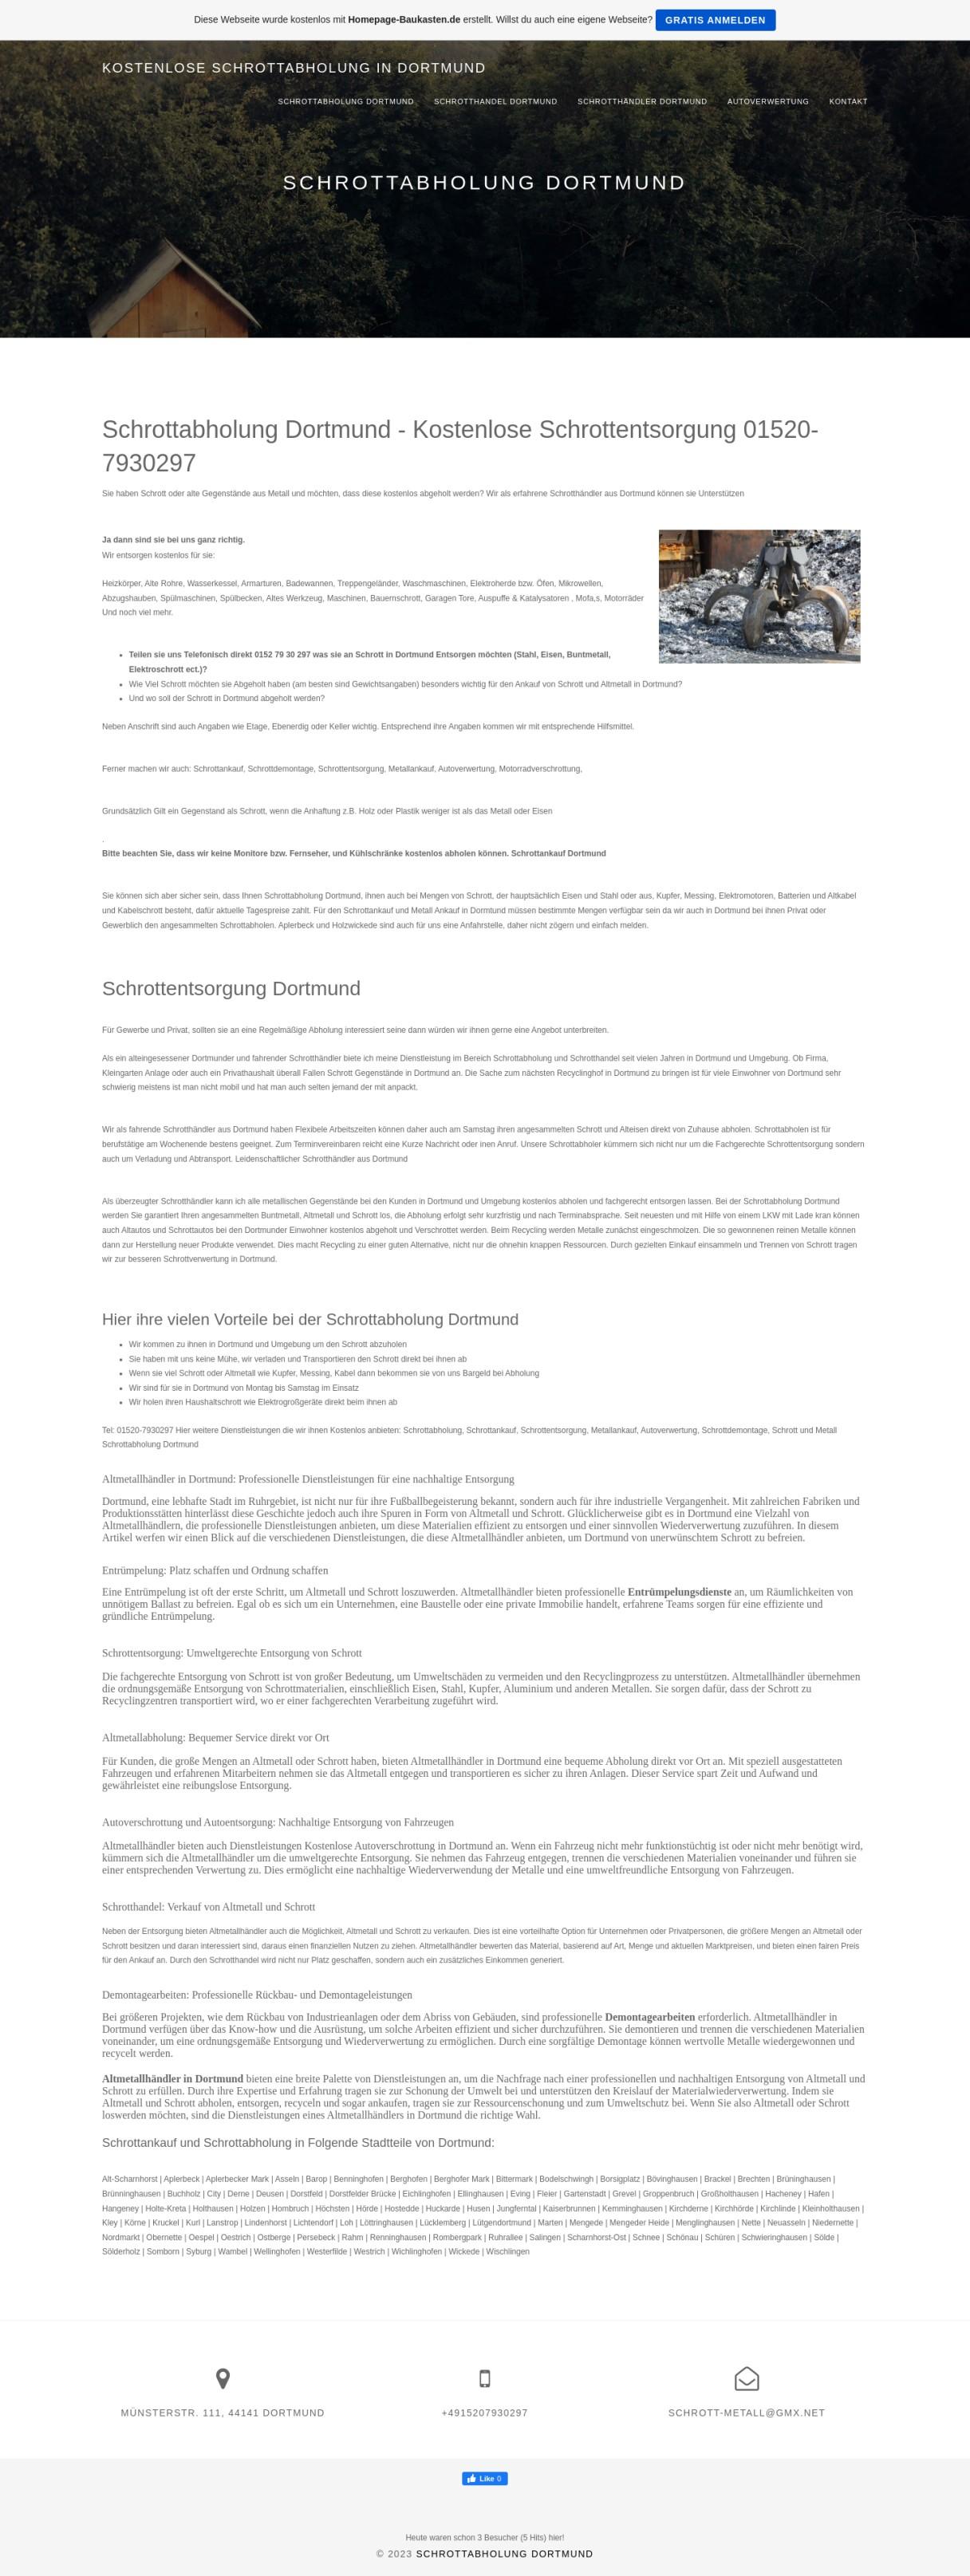 Schrott und Metall Schrottabholung Dortmund - Schrottabholung Dortmund